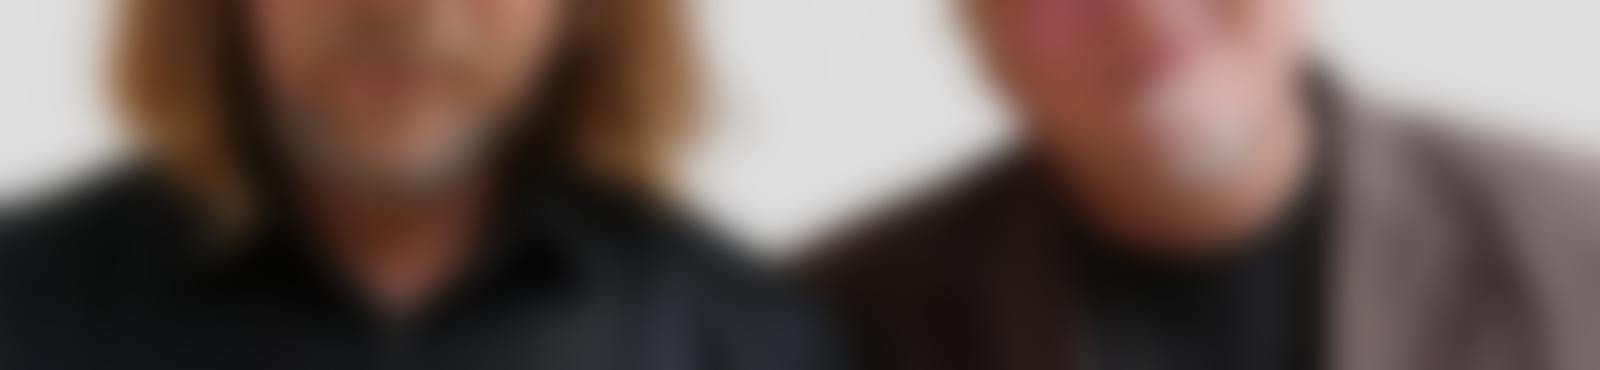 Blurred 423fd60a 5cd3 4995 b23c dfa636fb3da2